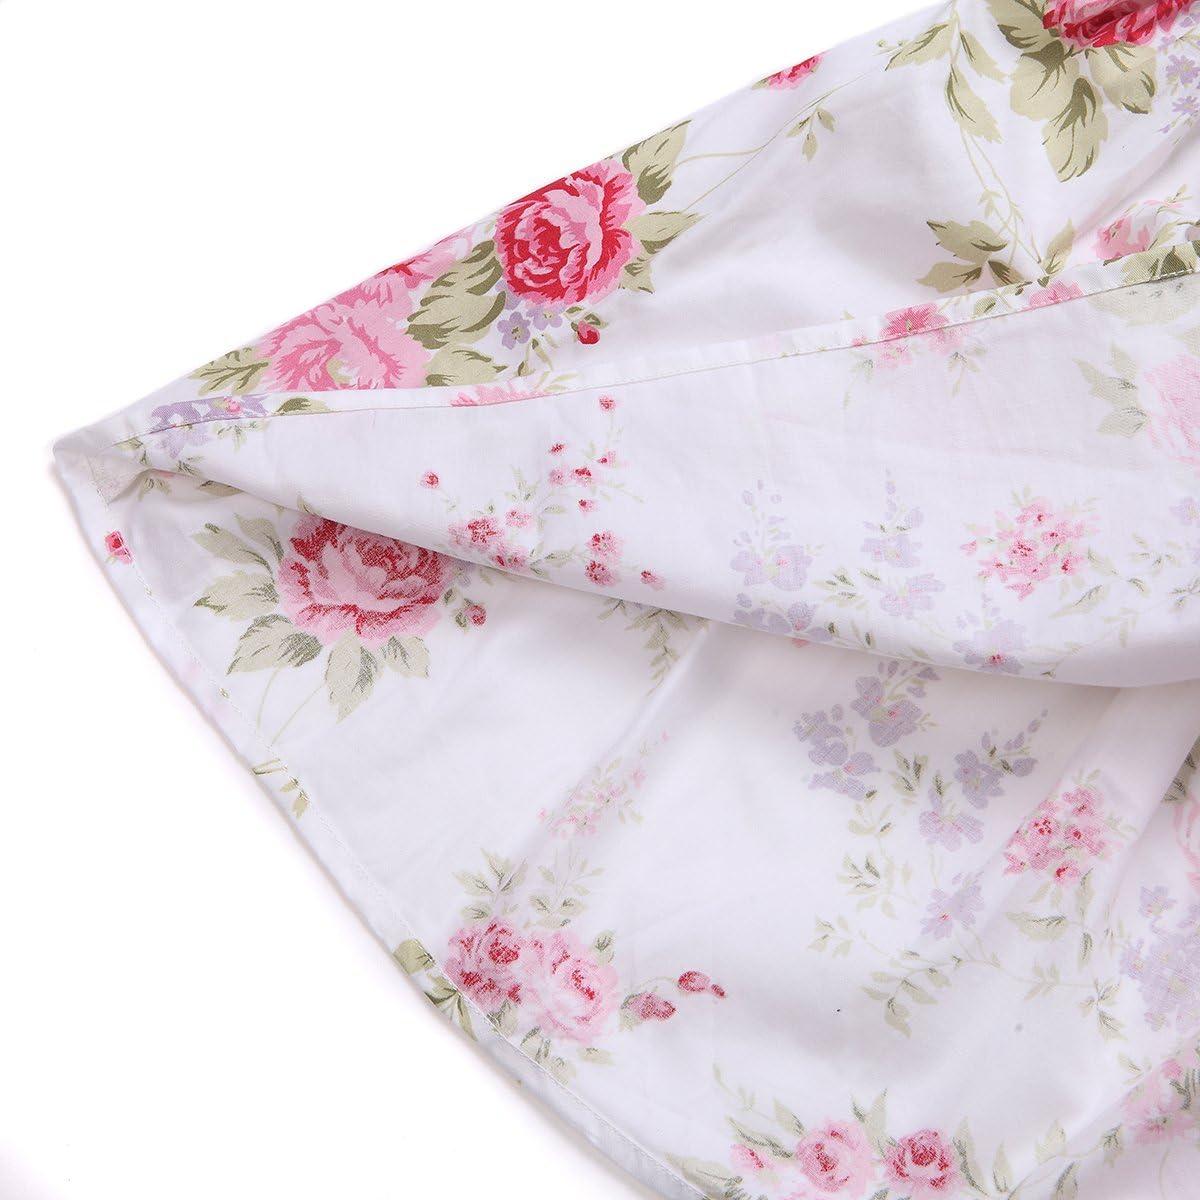 Flofallzique Summer Girls Dress Floral Cotton Casual Toddler Sundress Sleeveless